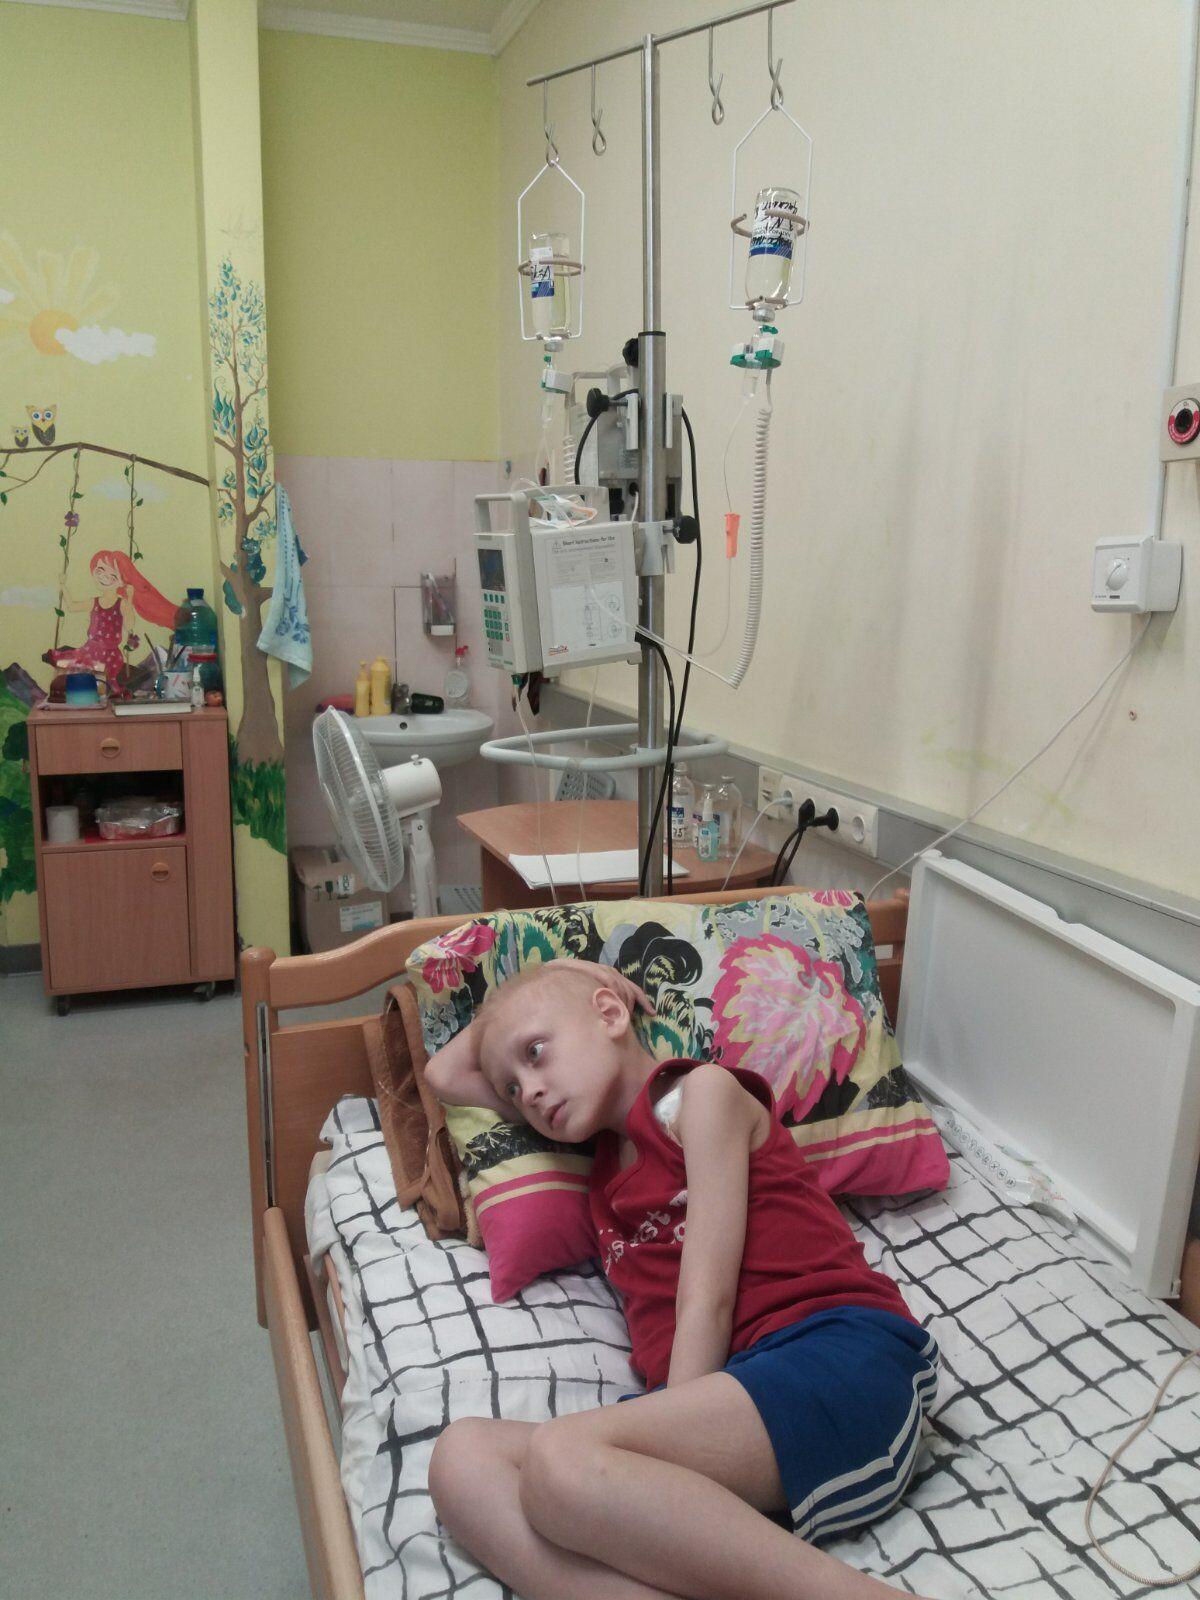 Єгорові готові допомогти за кордоном, але лікування коштує великих грошей